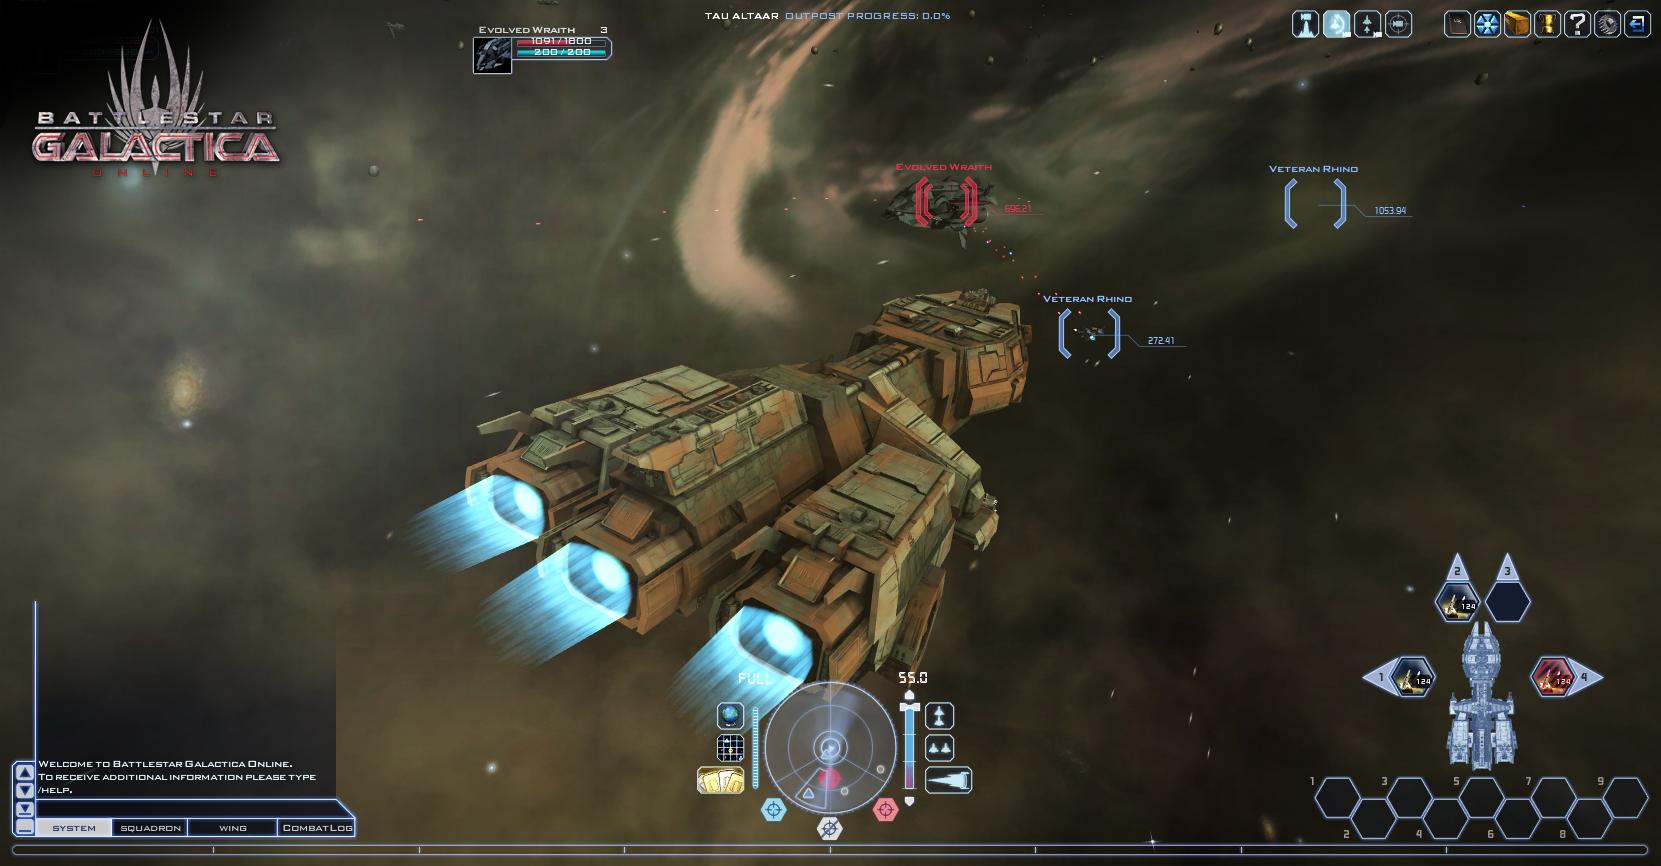 Battlestar Galactica Online (1)